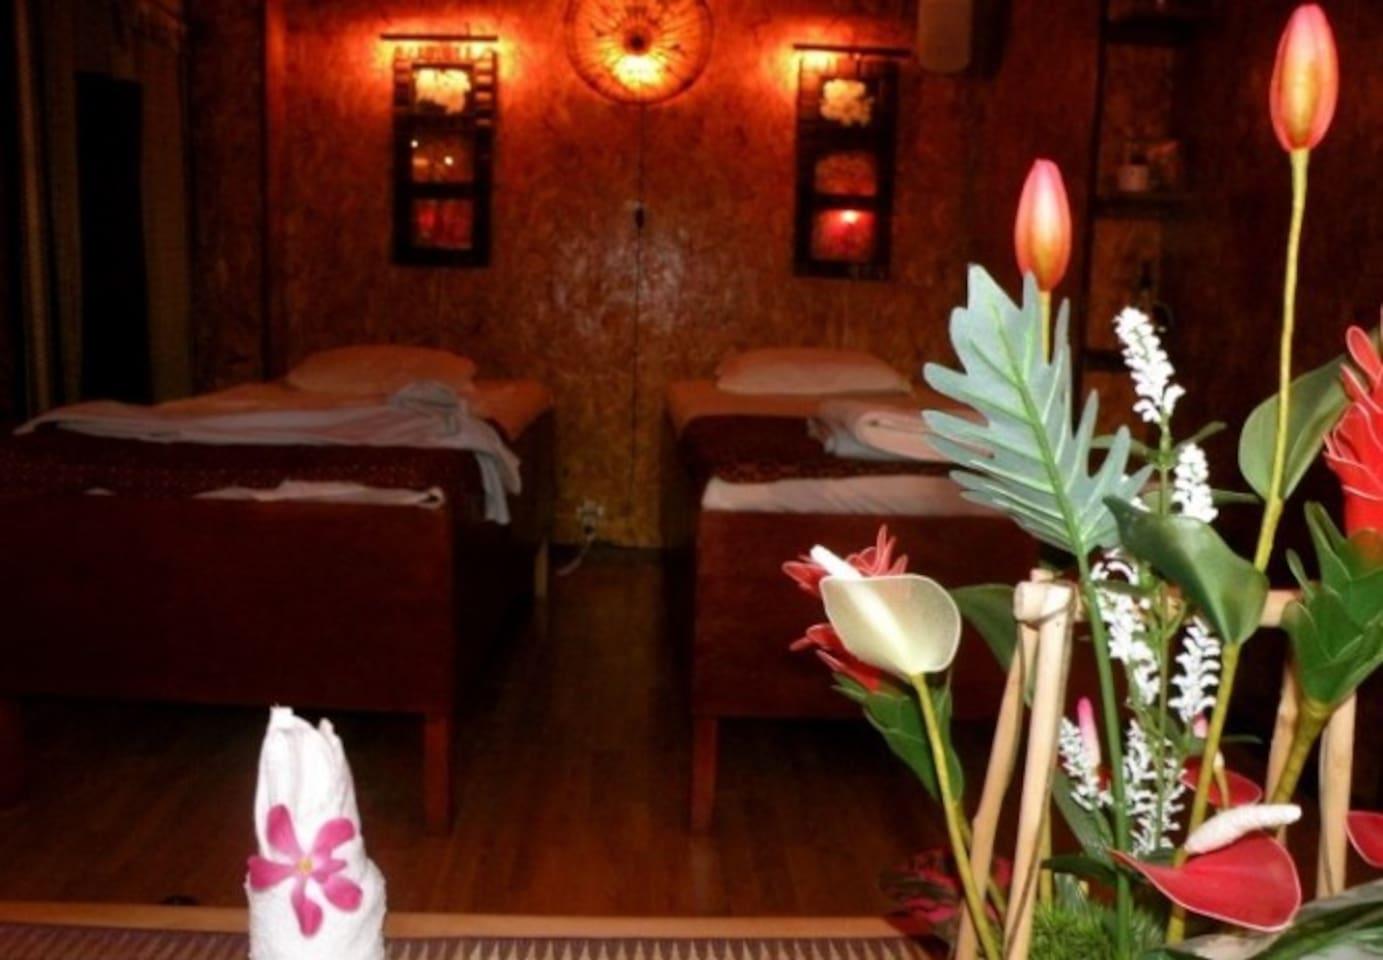 MASSAGE 5 min bort på Magnus Ladulåsgata 51 ligger ett av Stockholms främsta Thaimassage ställen. För endast 400 kr en timme oljemassage från topp till tå. Det finns möjlighet att boka ett dubbelrum med bästa kompisen eller din partner. KungsThaimassage 08-642 36 36